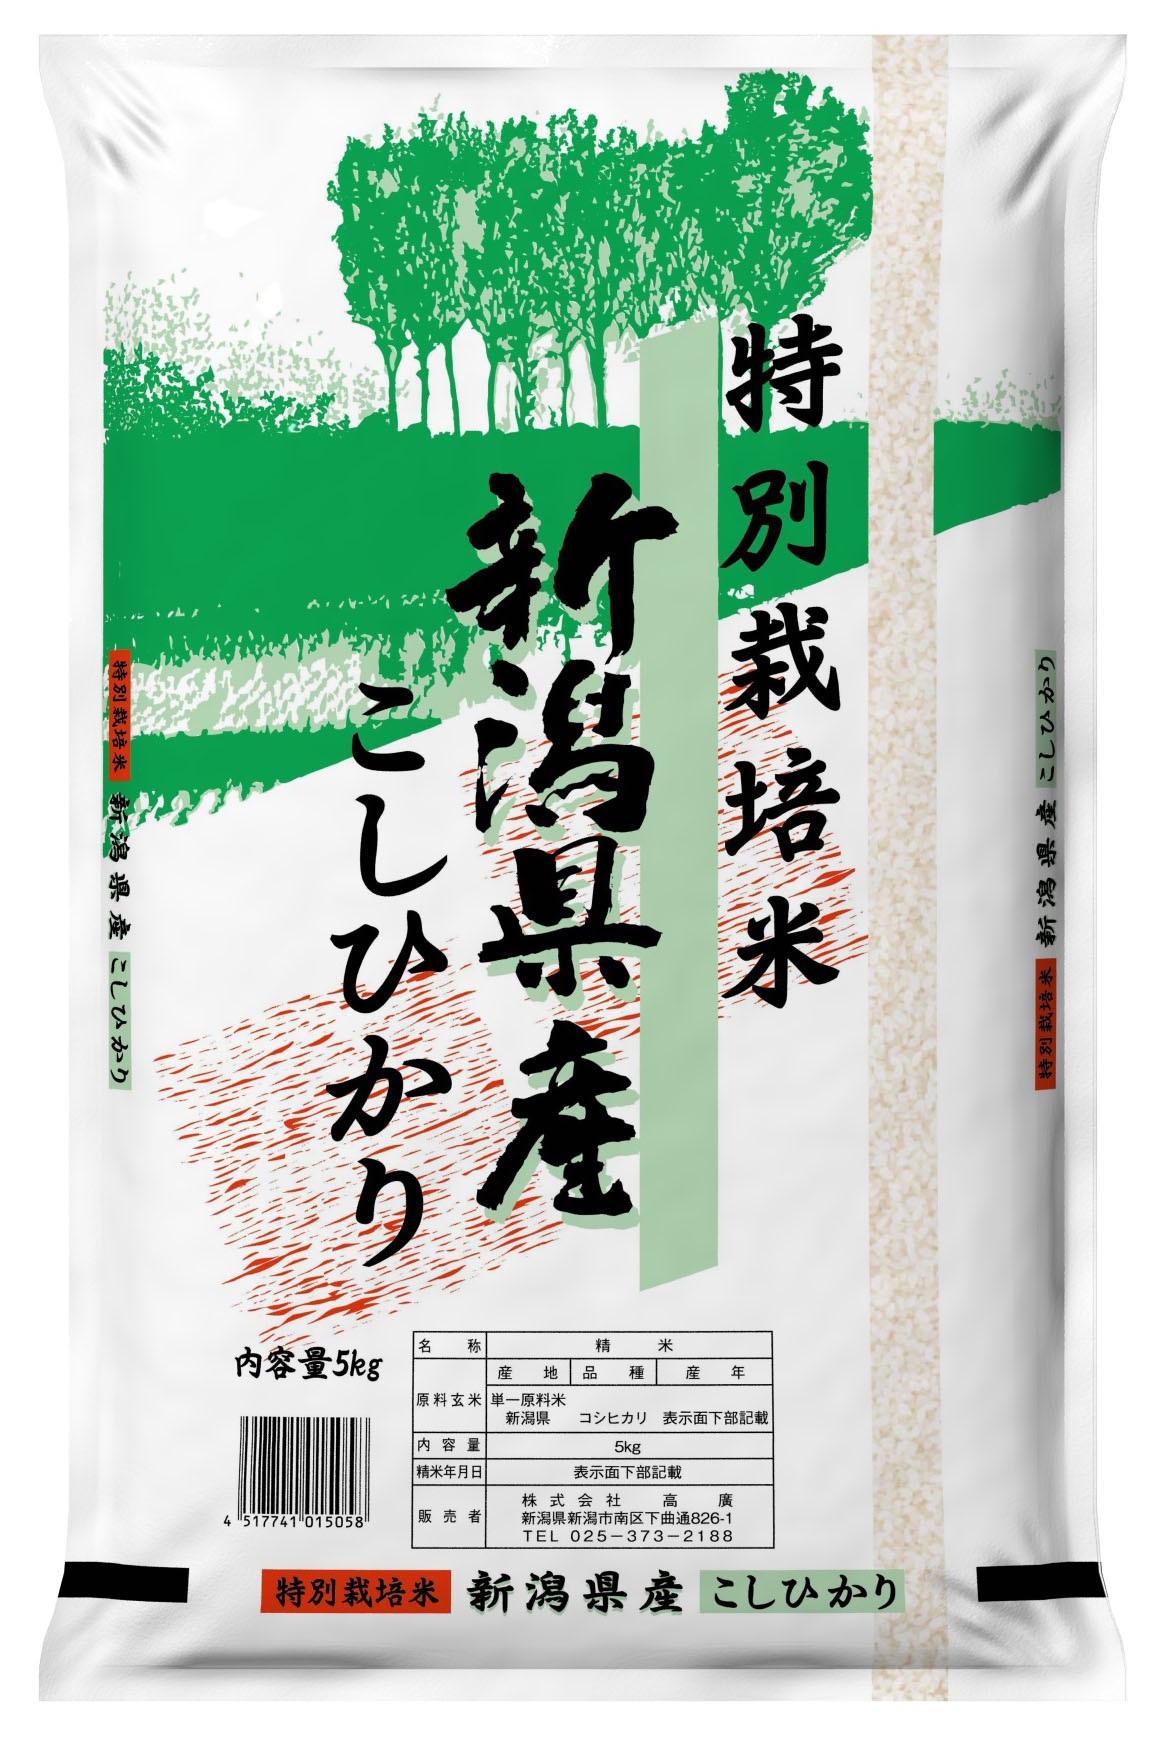 特別栽培米新潟産コシヒカリの写真